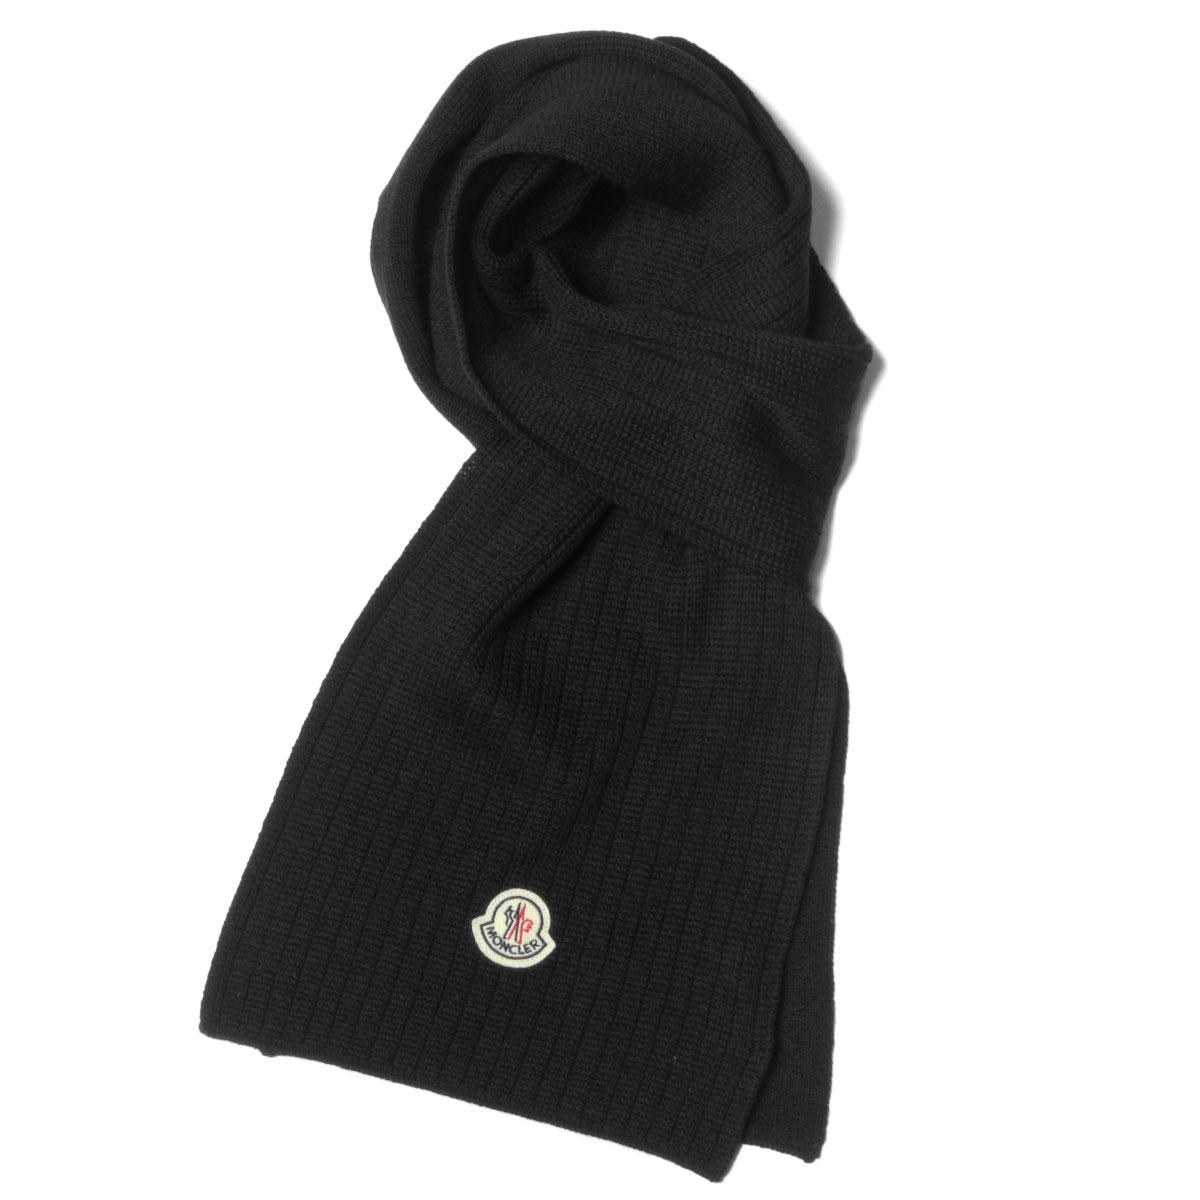 importshopdouble  0002700 Monk rail MONCLER scarf men 02309 999 ... 79a82455113